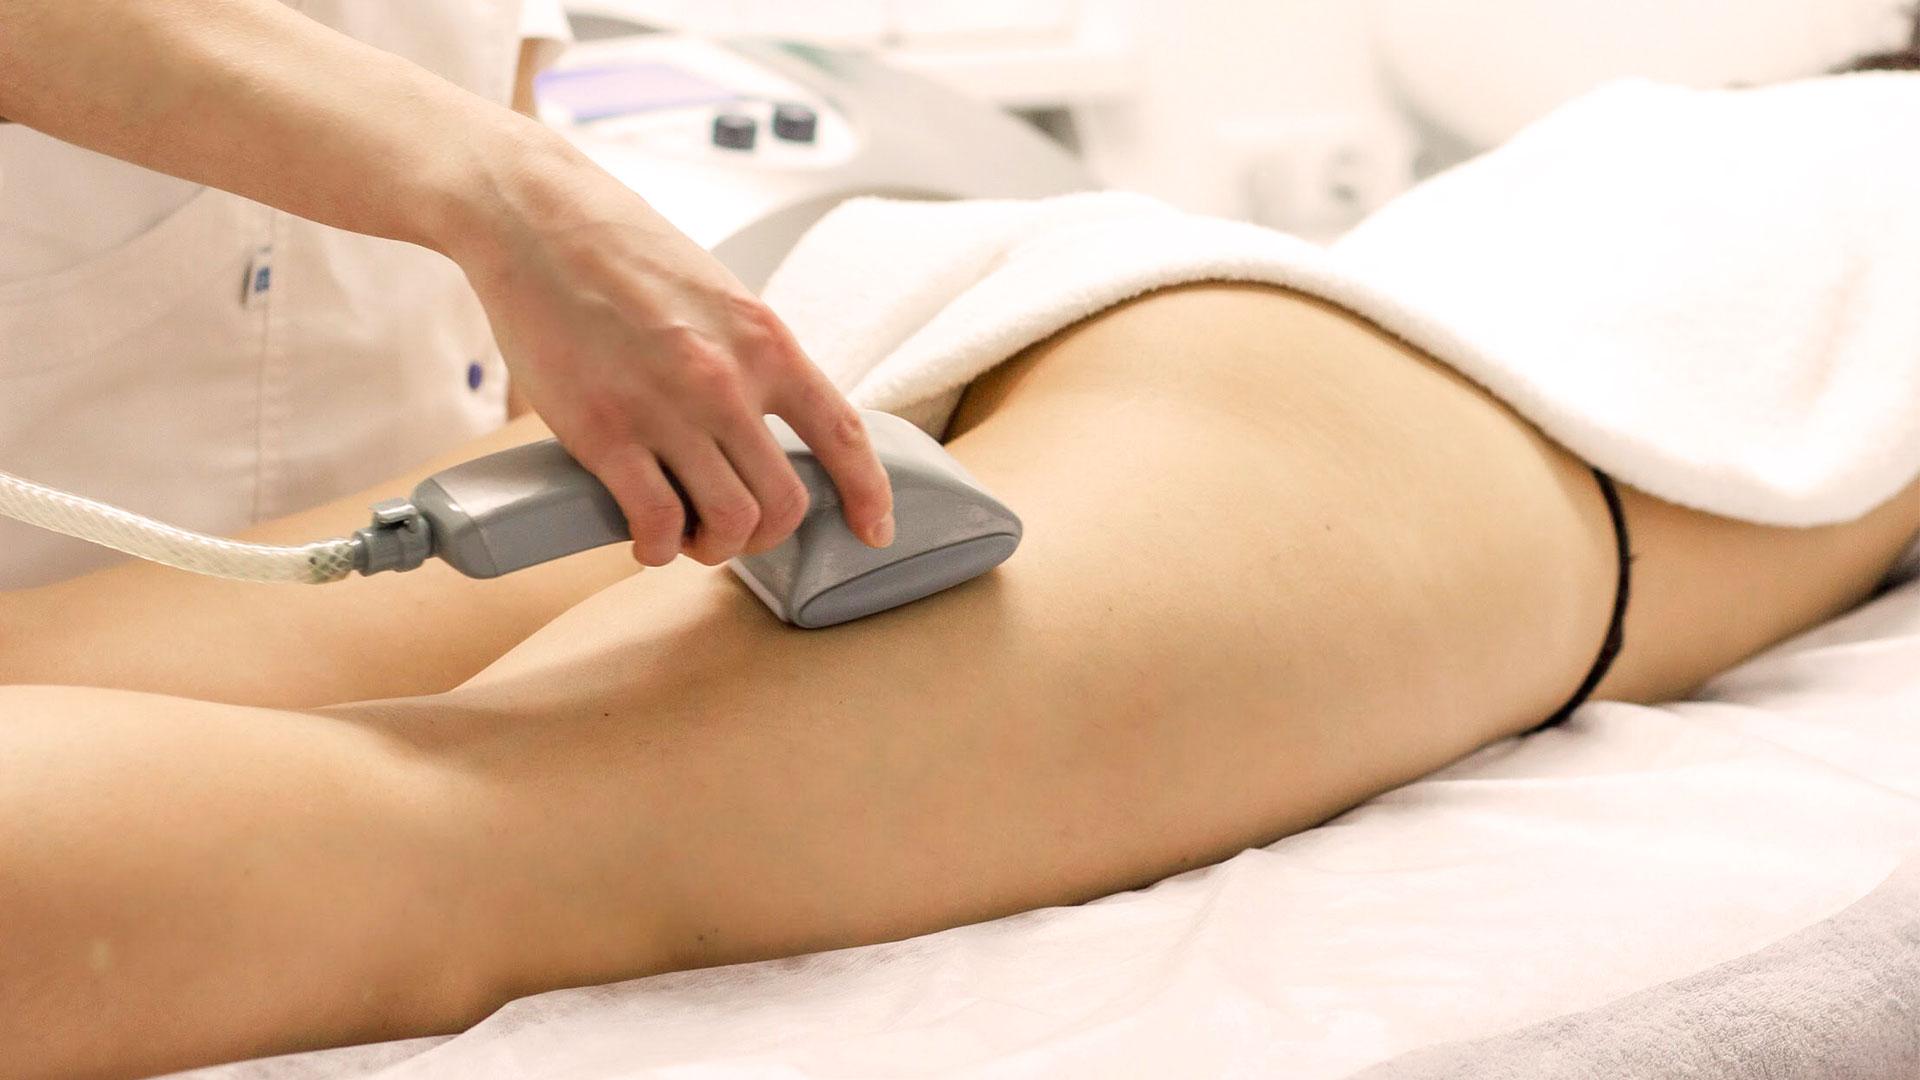 Вакуумно-роликовый массаж – эффективная коррекция фигуры